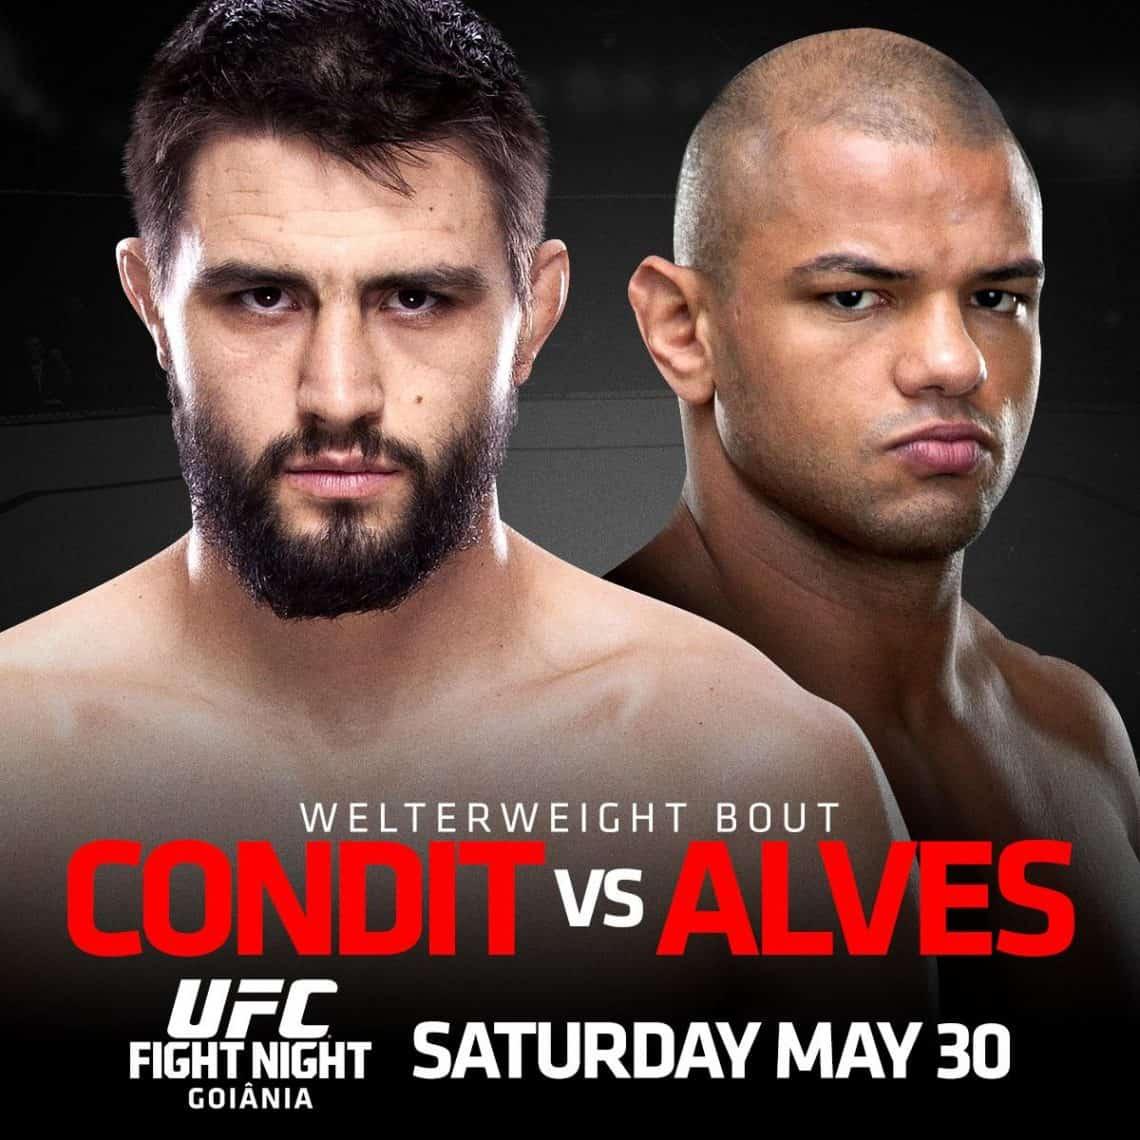 UFC Fight Night: Condit vs. Alves 1